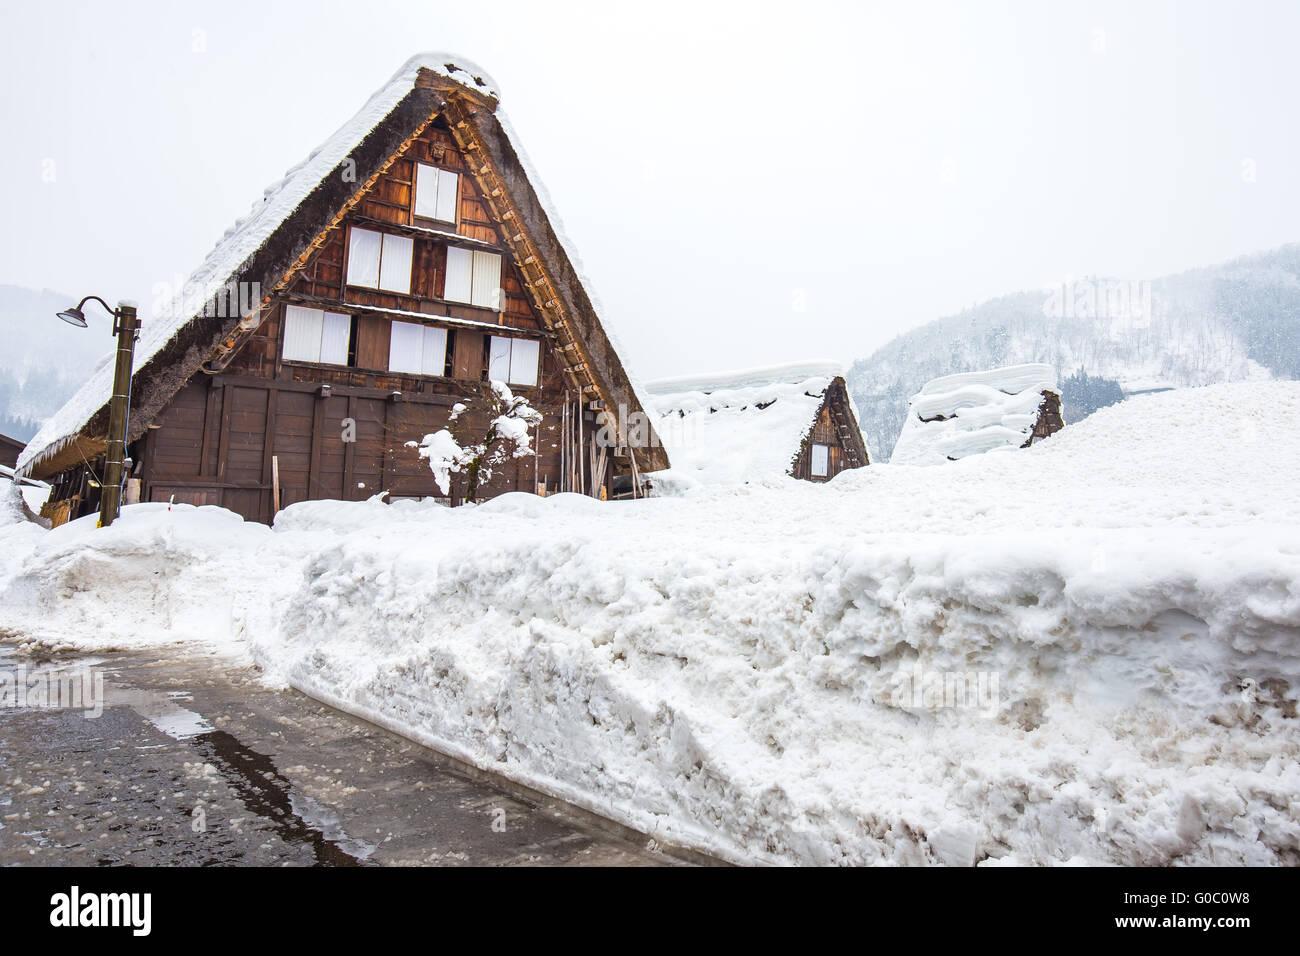 Winter at Shirakawa-go in Japan. - Stock Image